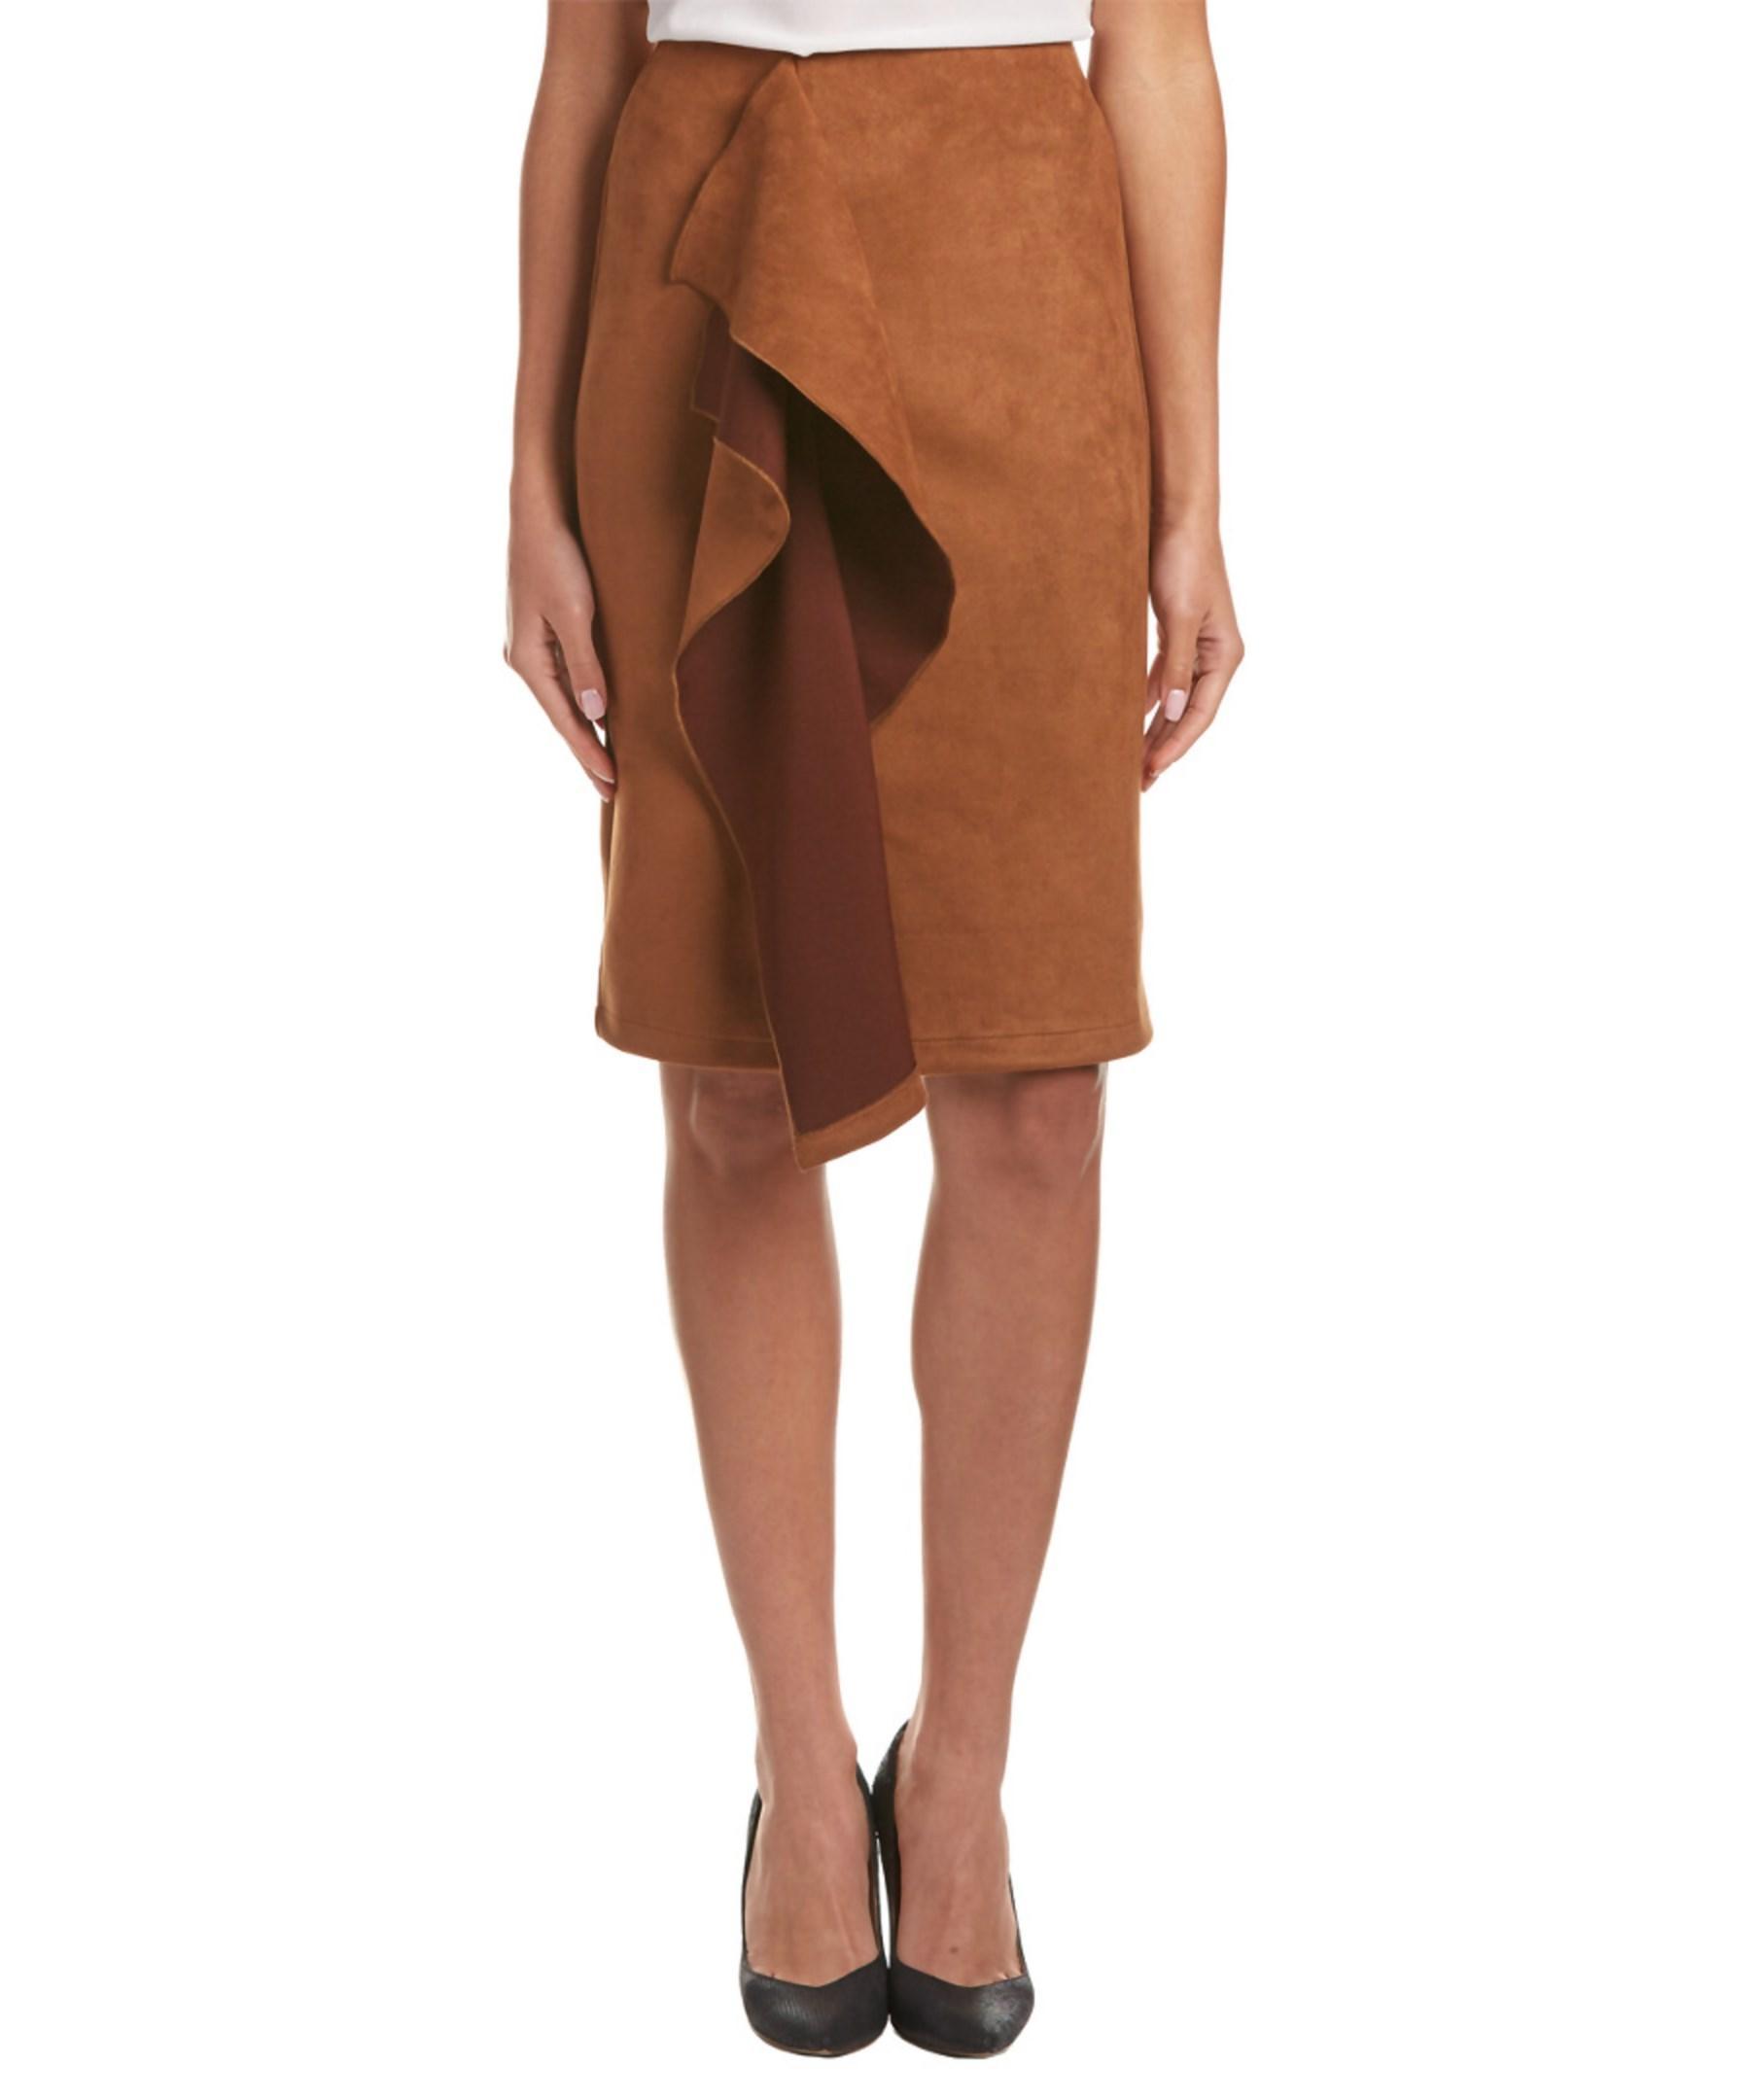 gracia pencil skirt in brown lyst